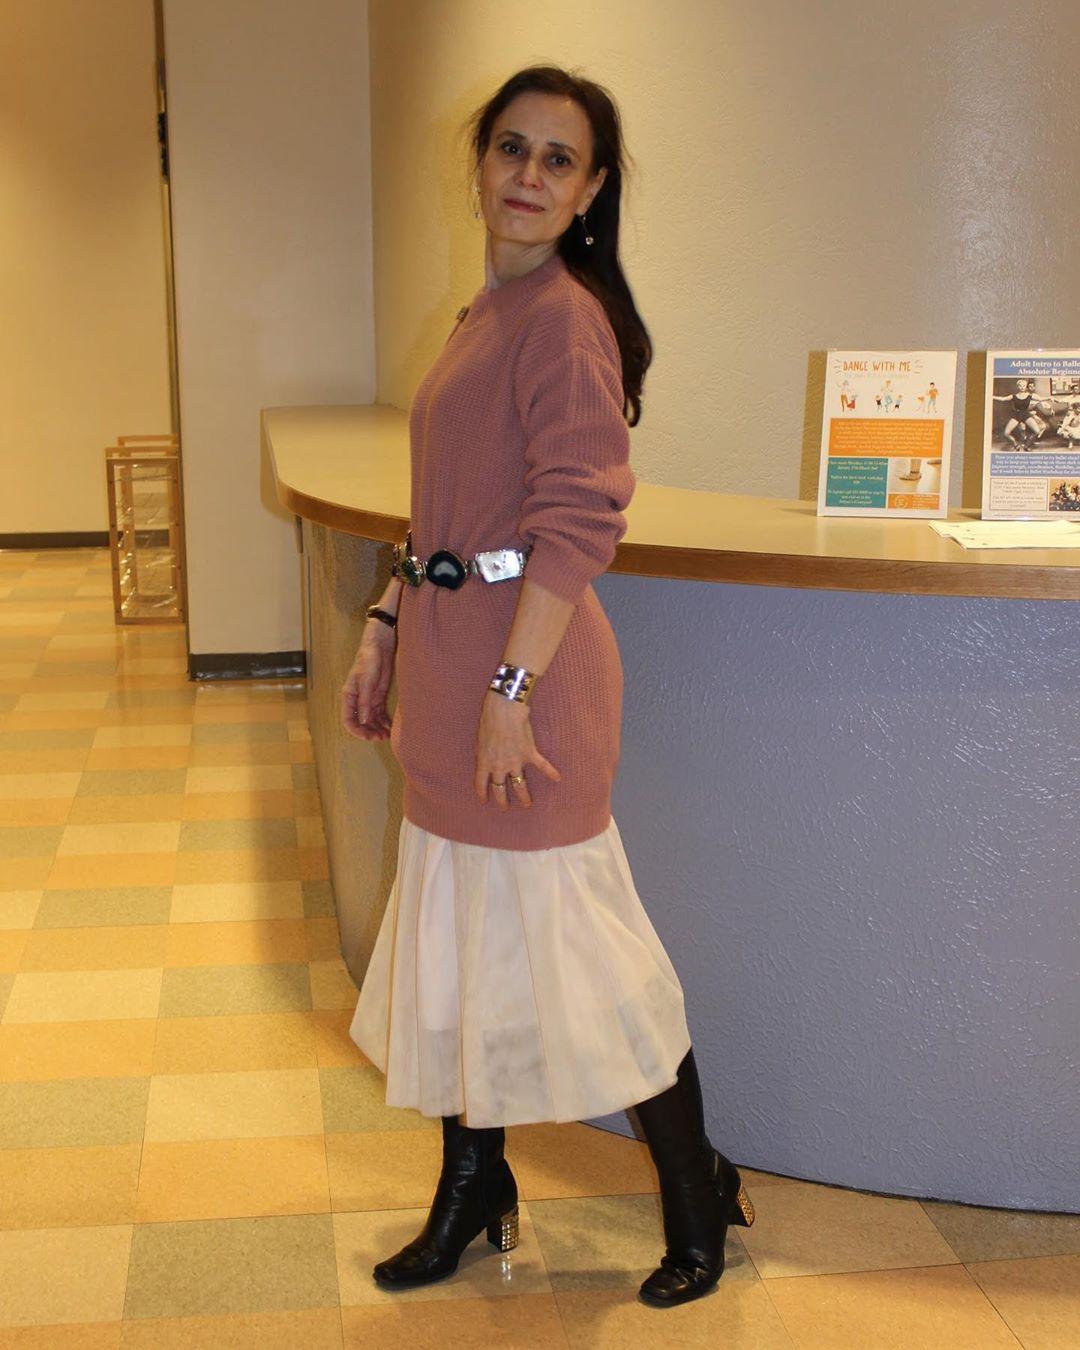 Highlatitudestyle Fashionblogger Styl Fashionblogger - Knit Dress